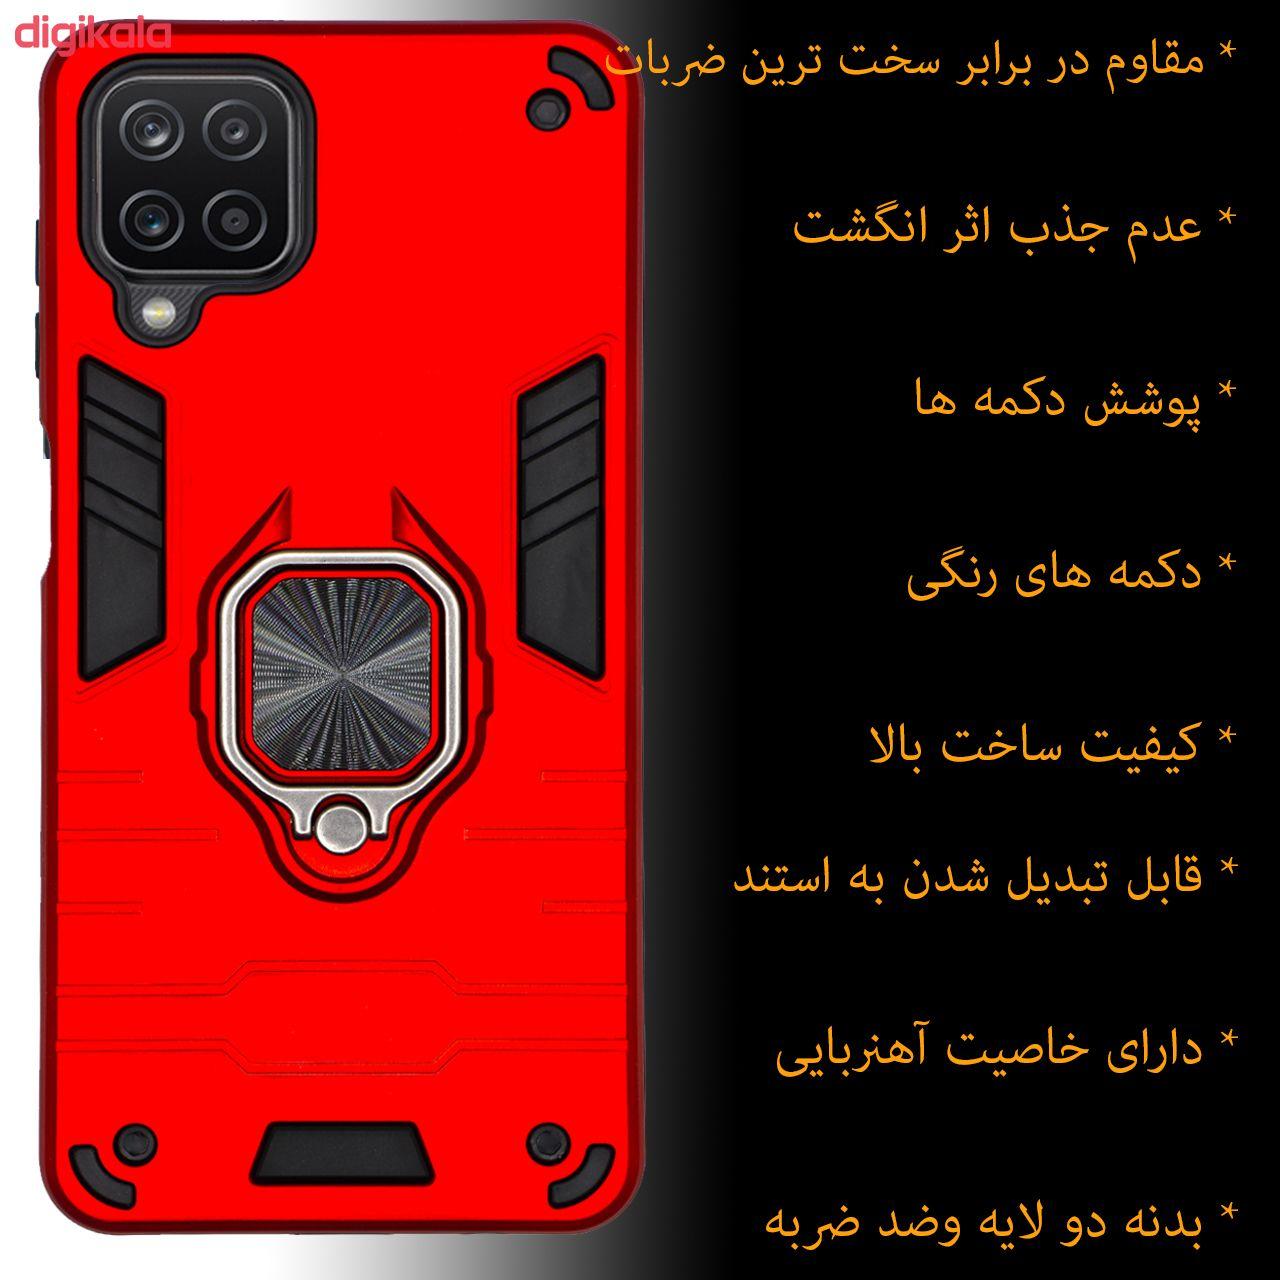 کاور کینگ پاور مدل ASH22 مناسب برای گوشی موبایل سامسونگ Galaxy A12 main 1 3